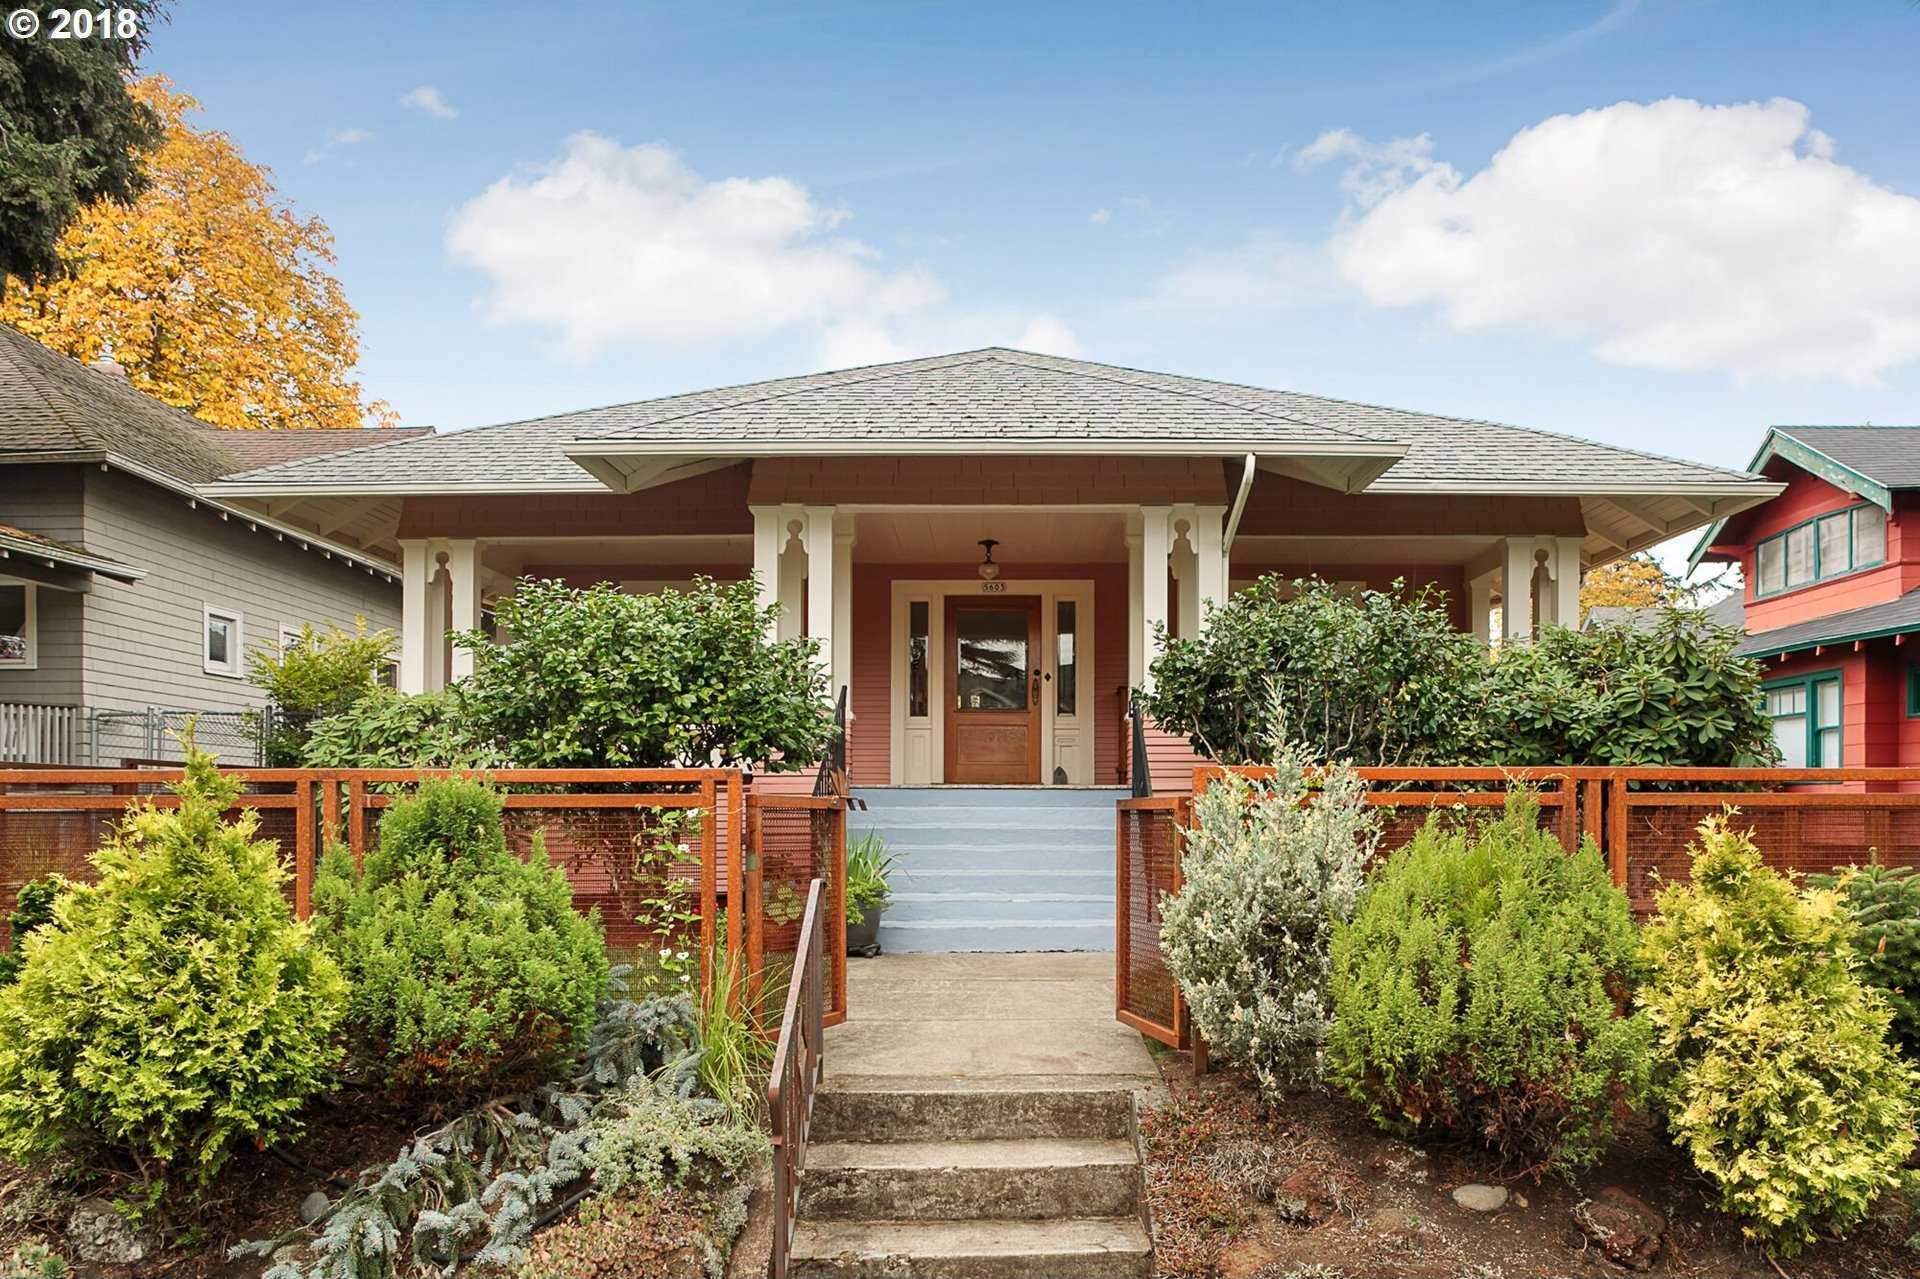 $735,000 - 4Br/3Ba -  for Sale in Humboldt, Portland